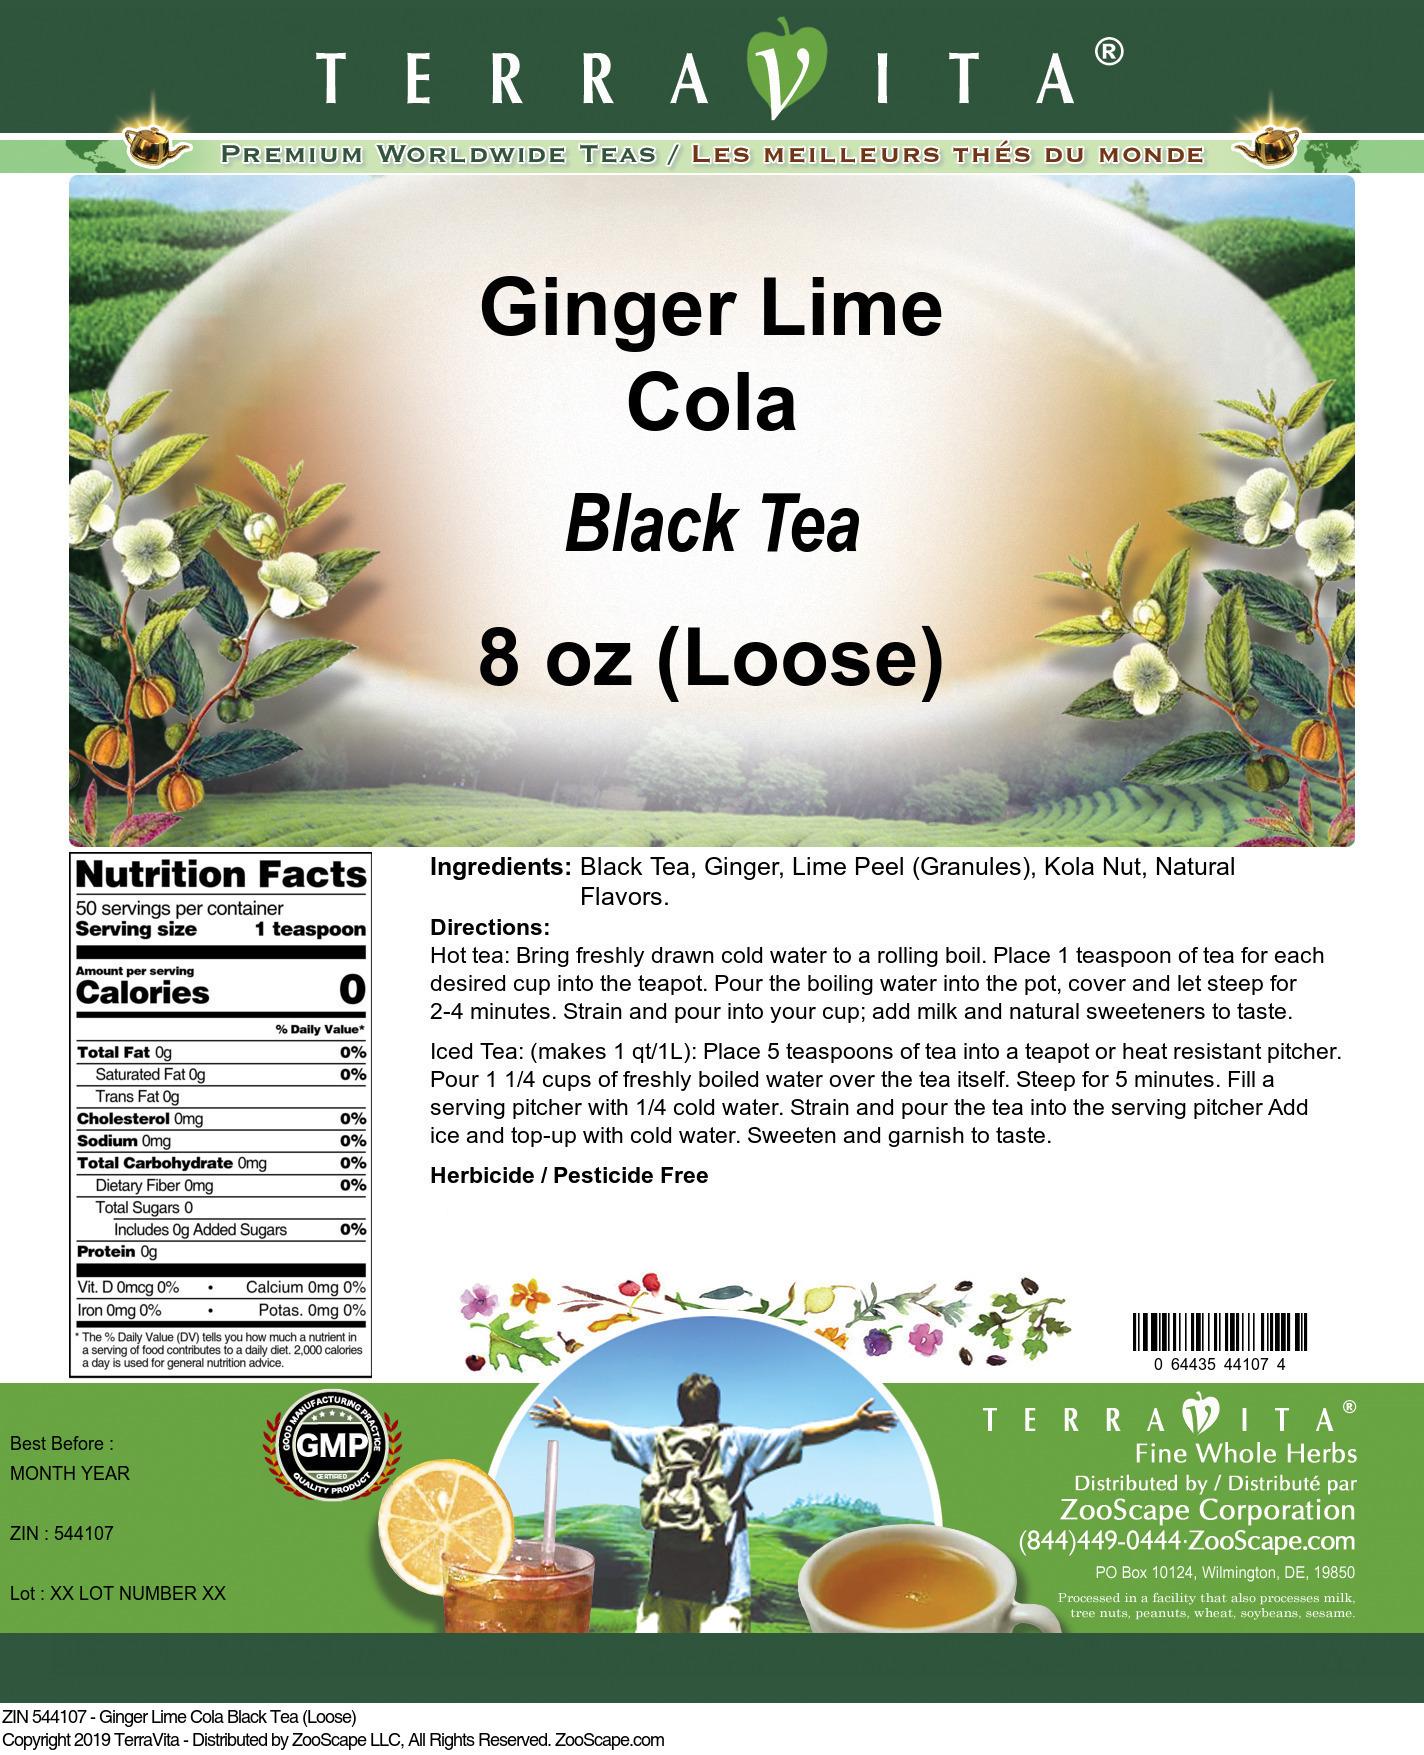 Ginger Lime Cola Black Tea (Loose)